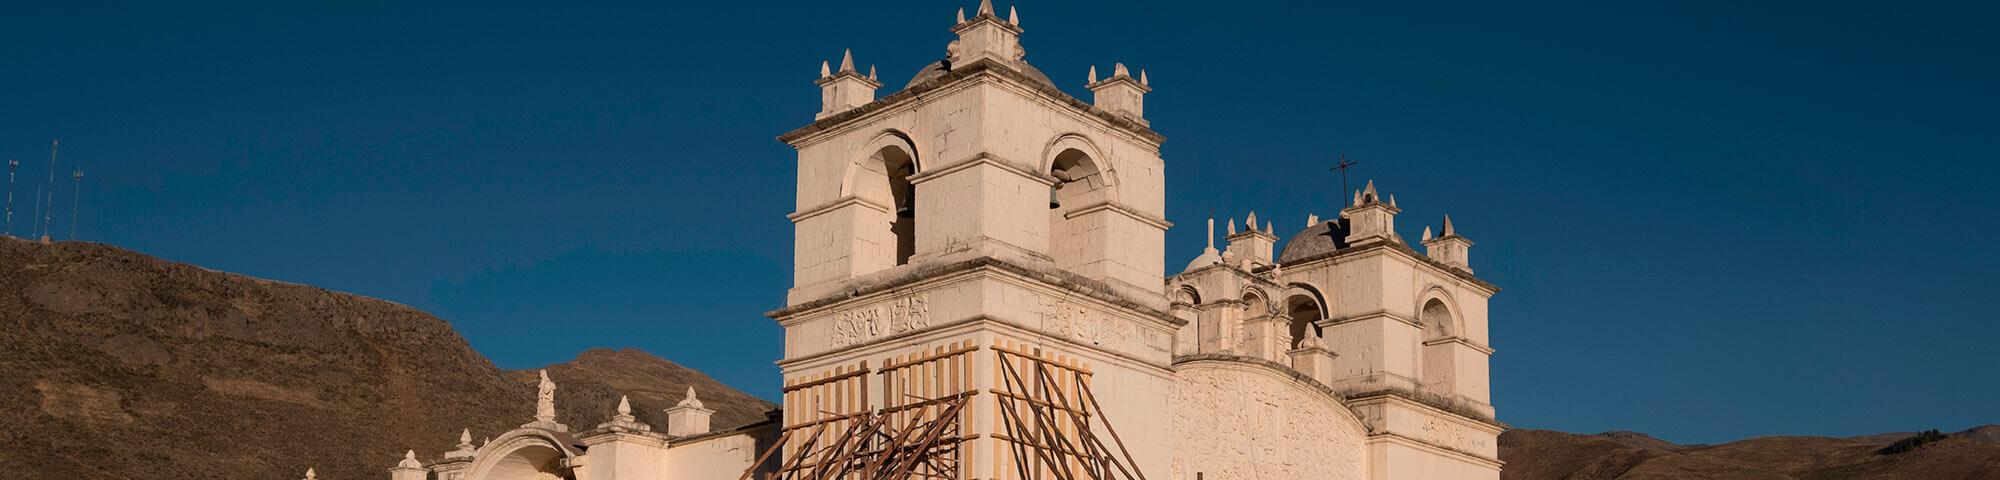 Iglesia de la Inmaculada Concepción (Yanque)